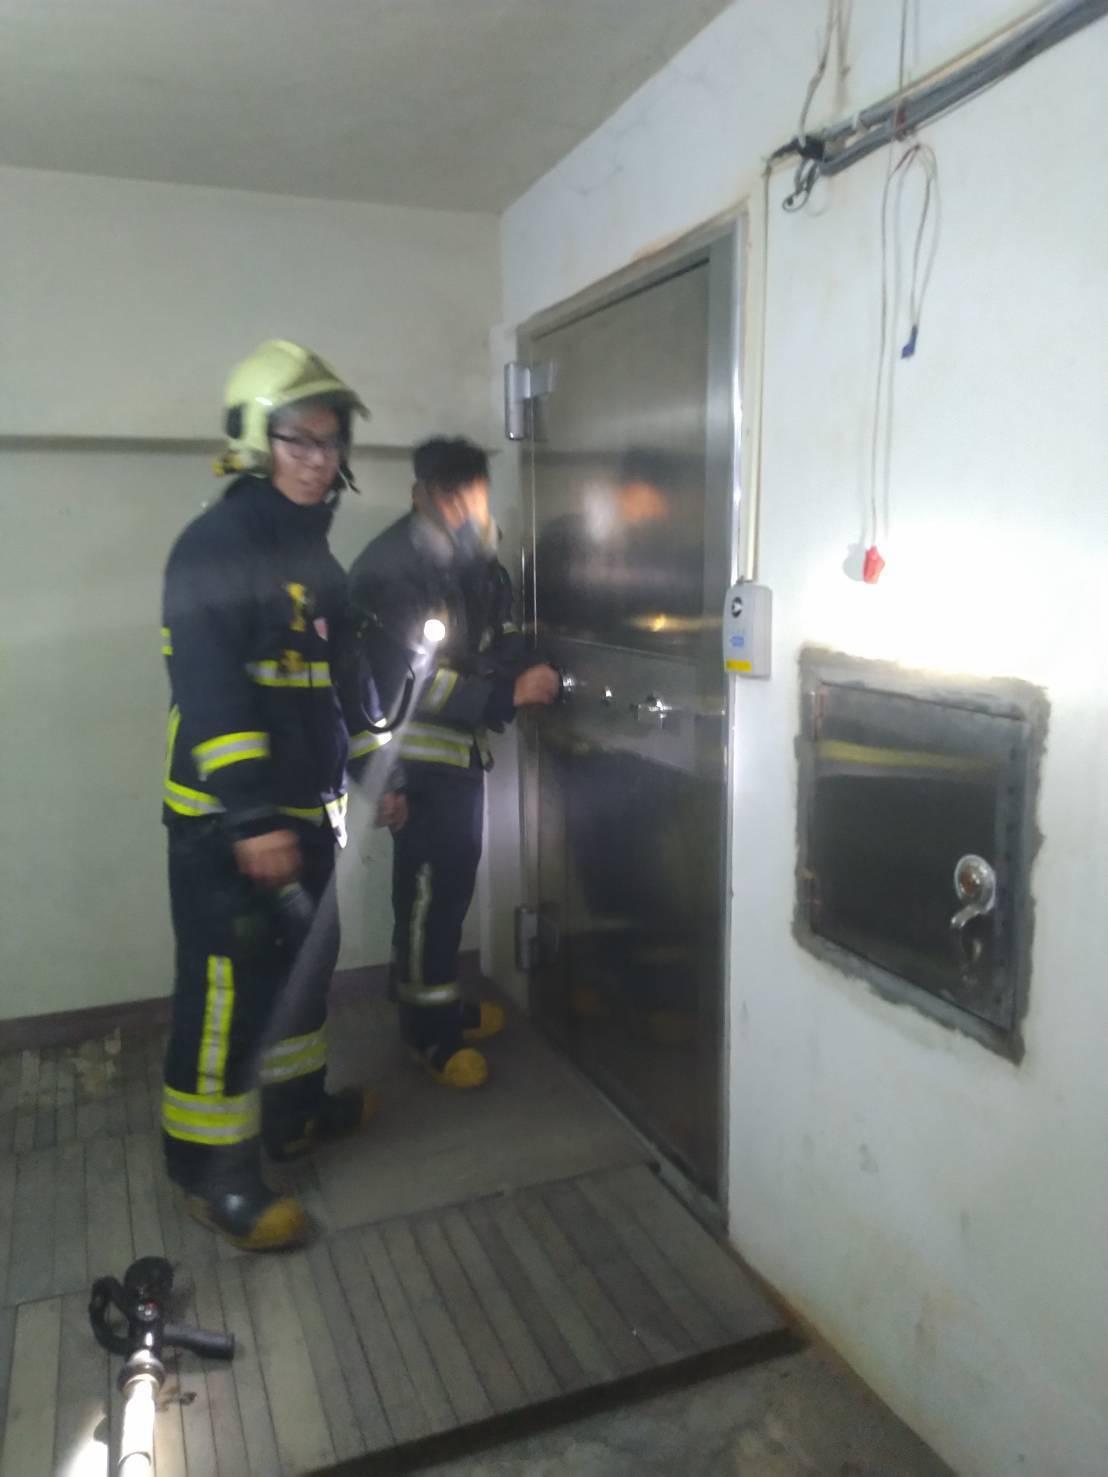 花蓮市農會生鮮超市地下金庫今天起火,消防人員趕往撲救。記者王燕華/翻攝